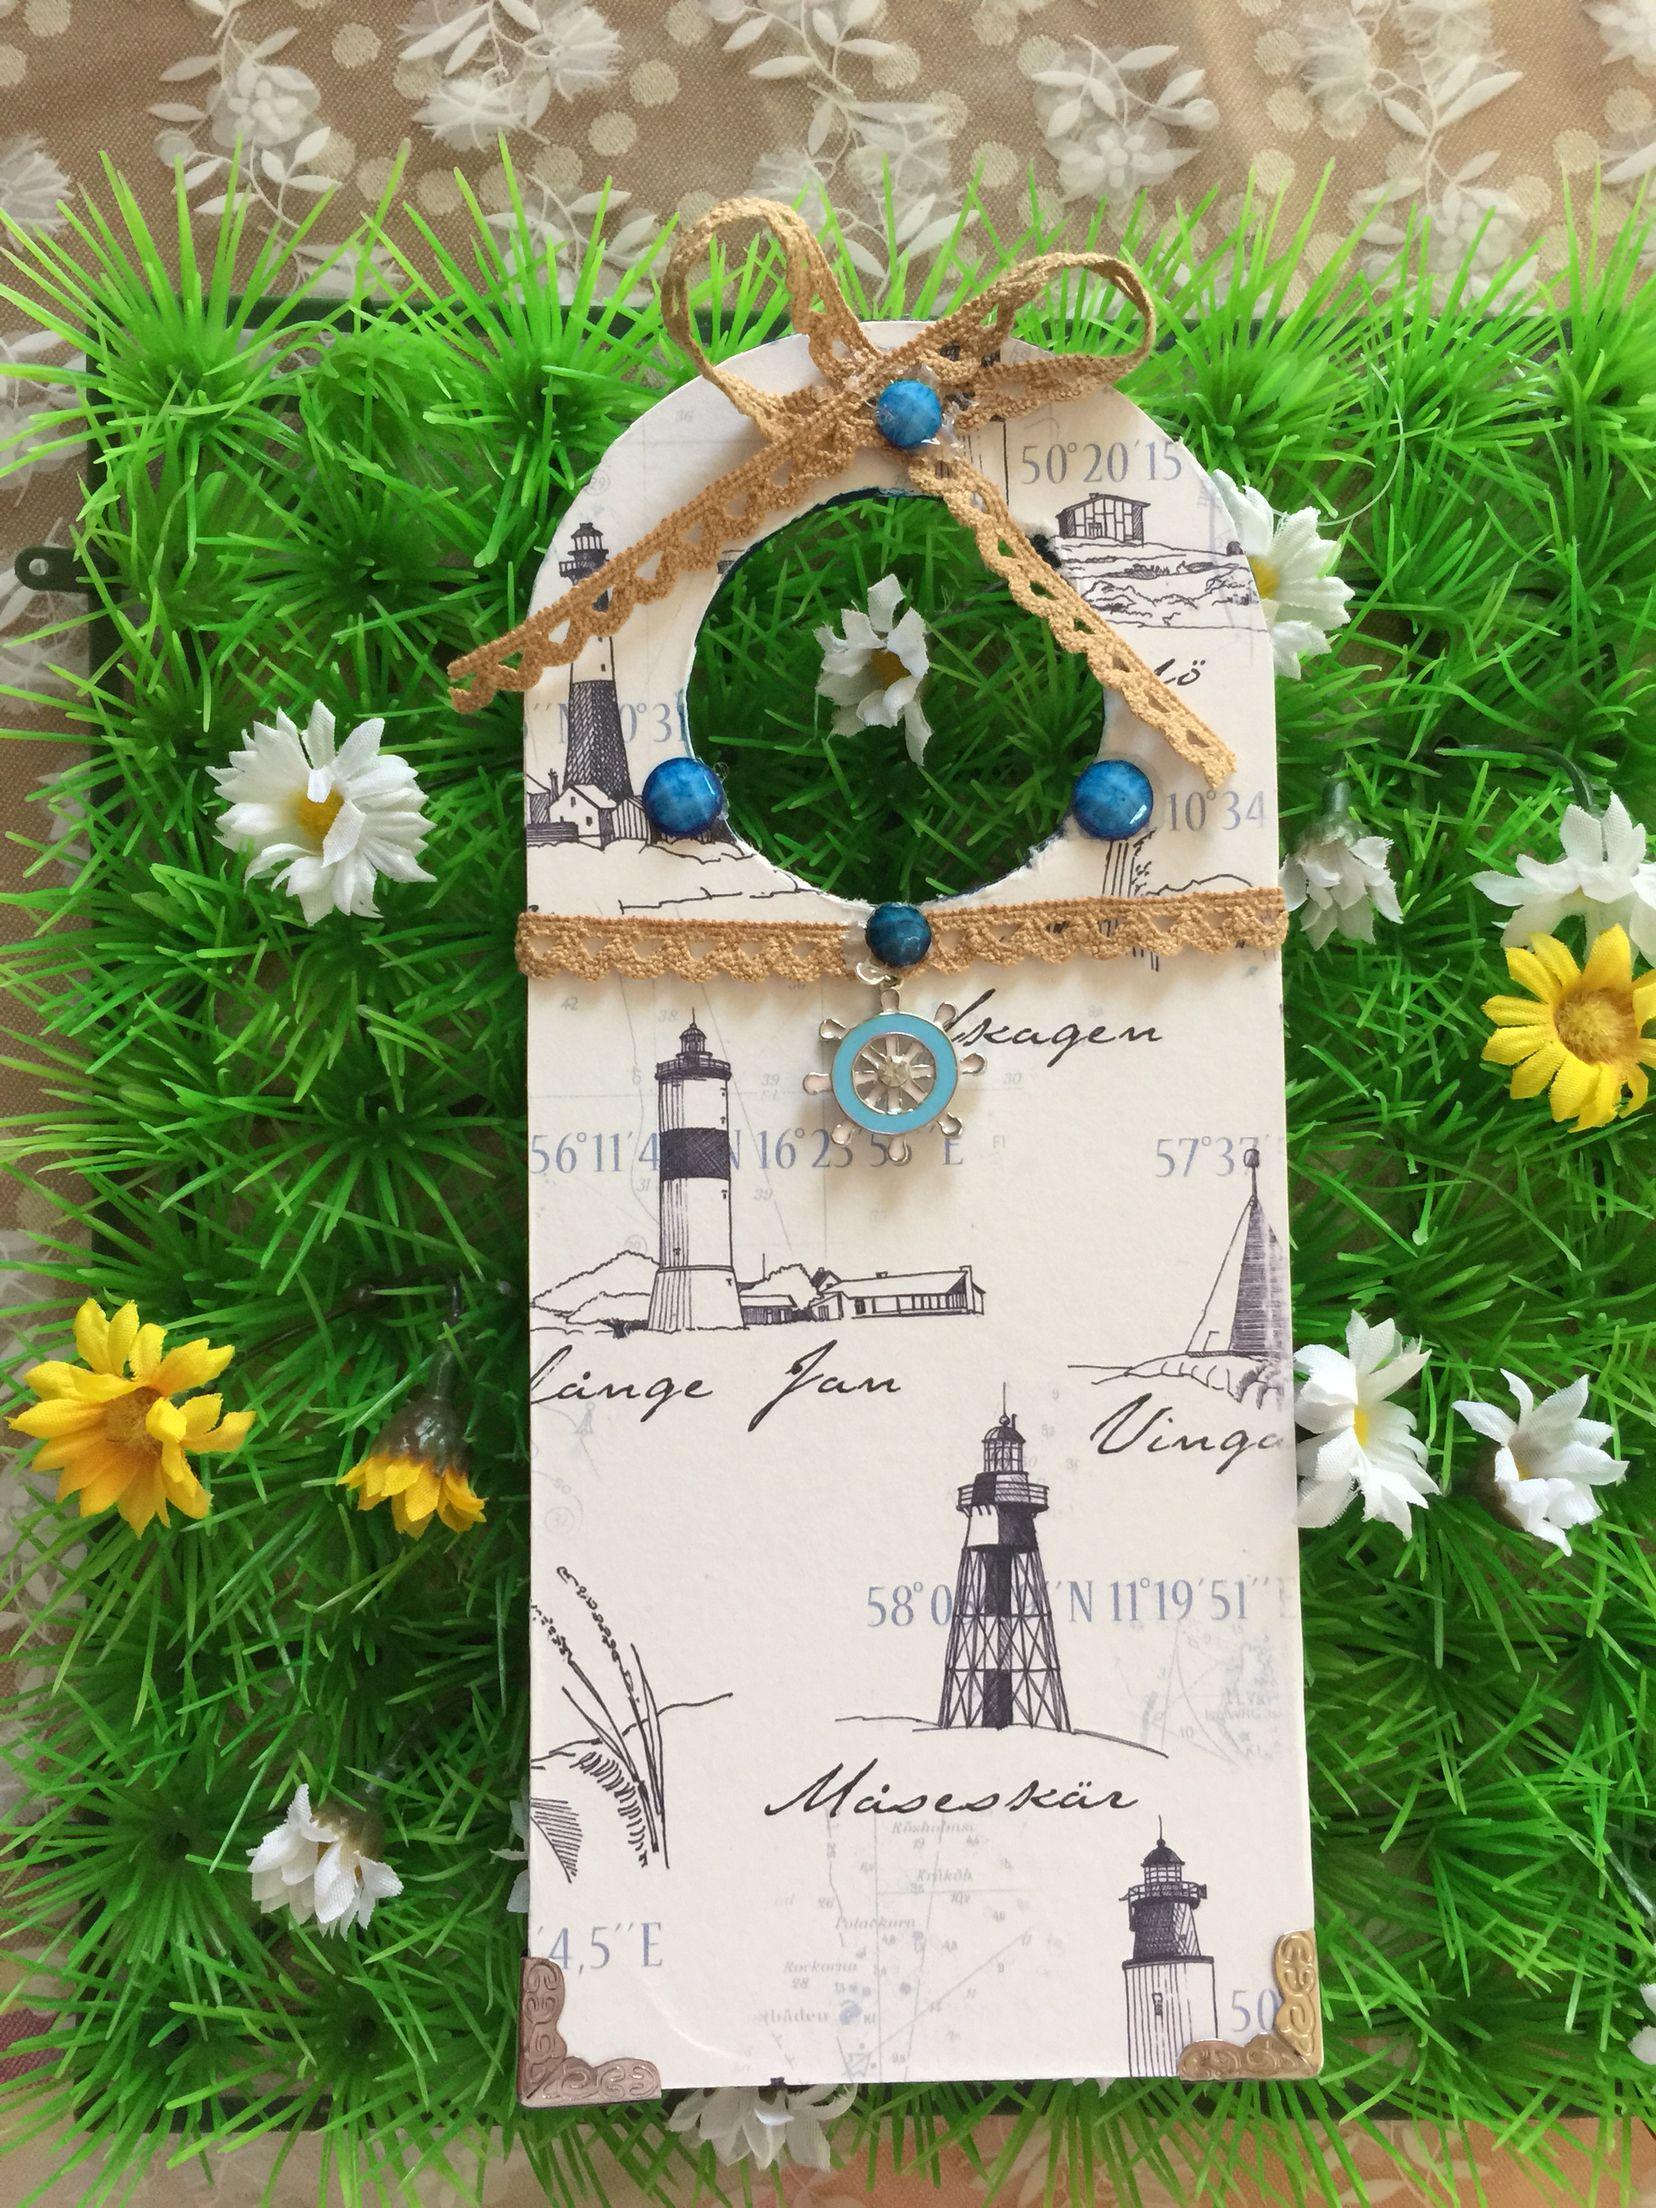 Handmade door decoration